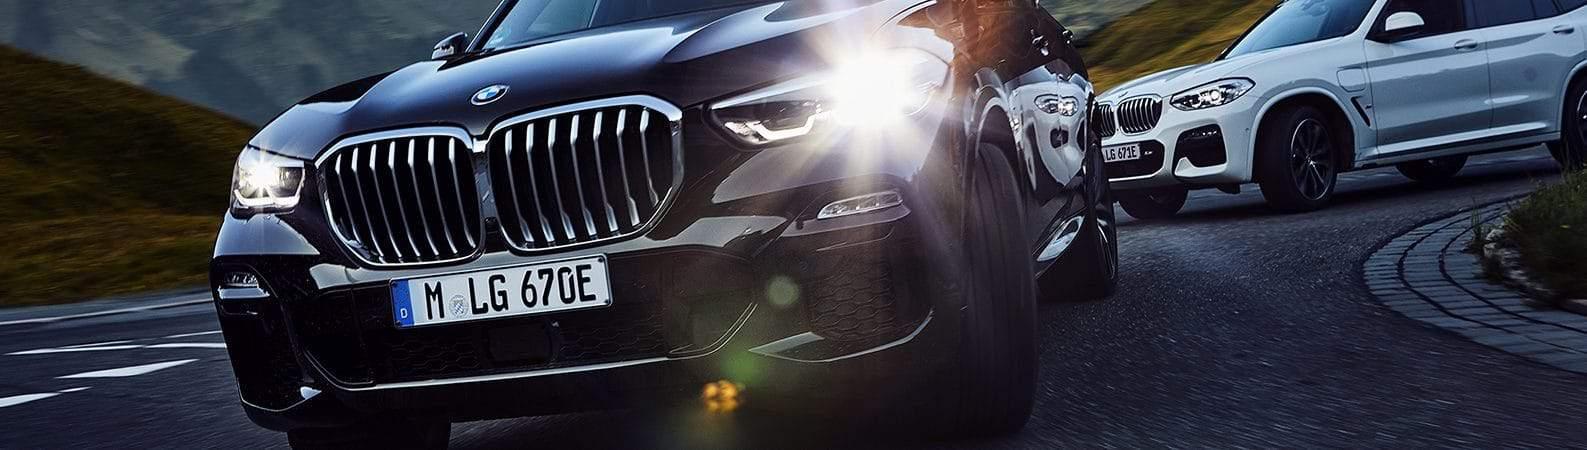 Imagem exibe BMW X3 preto em estrada com paisagem montanhosa.